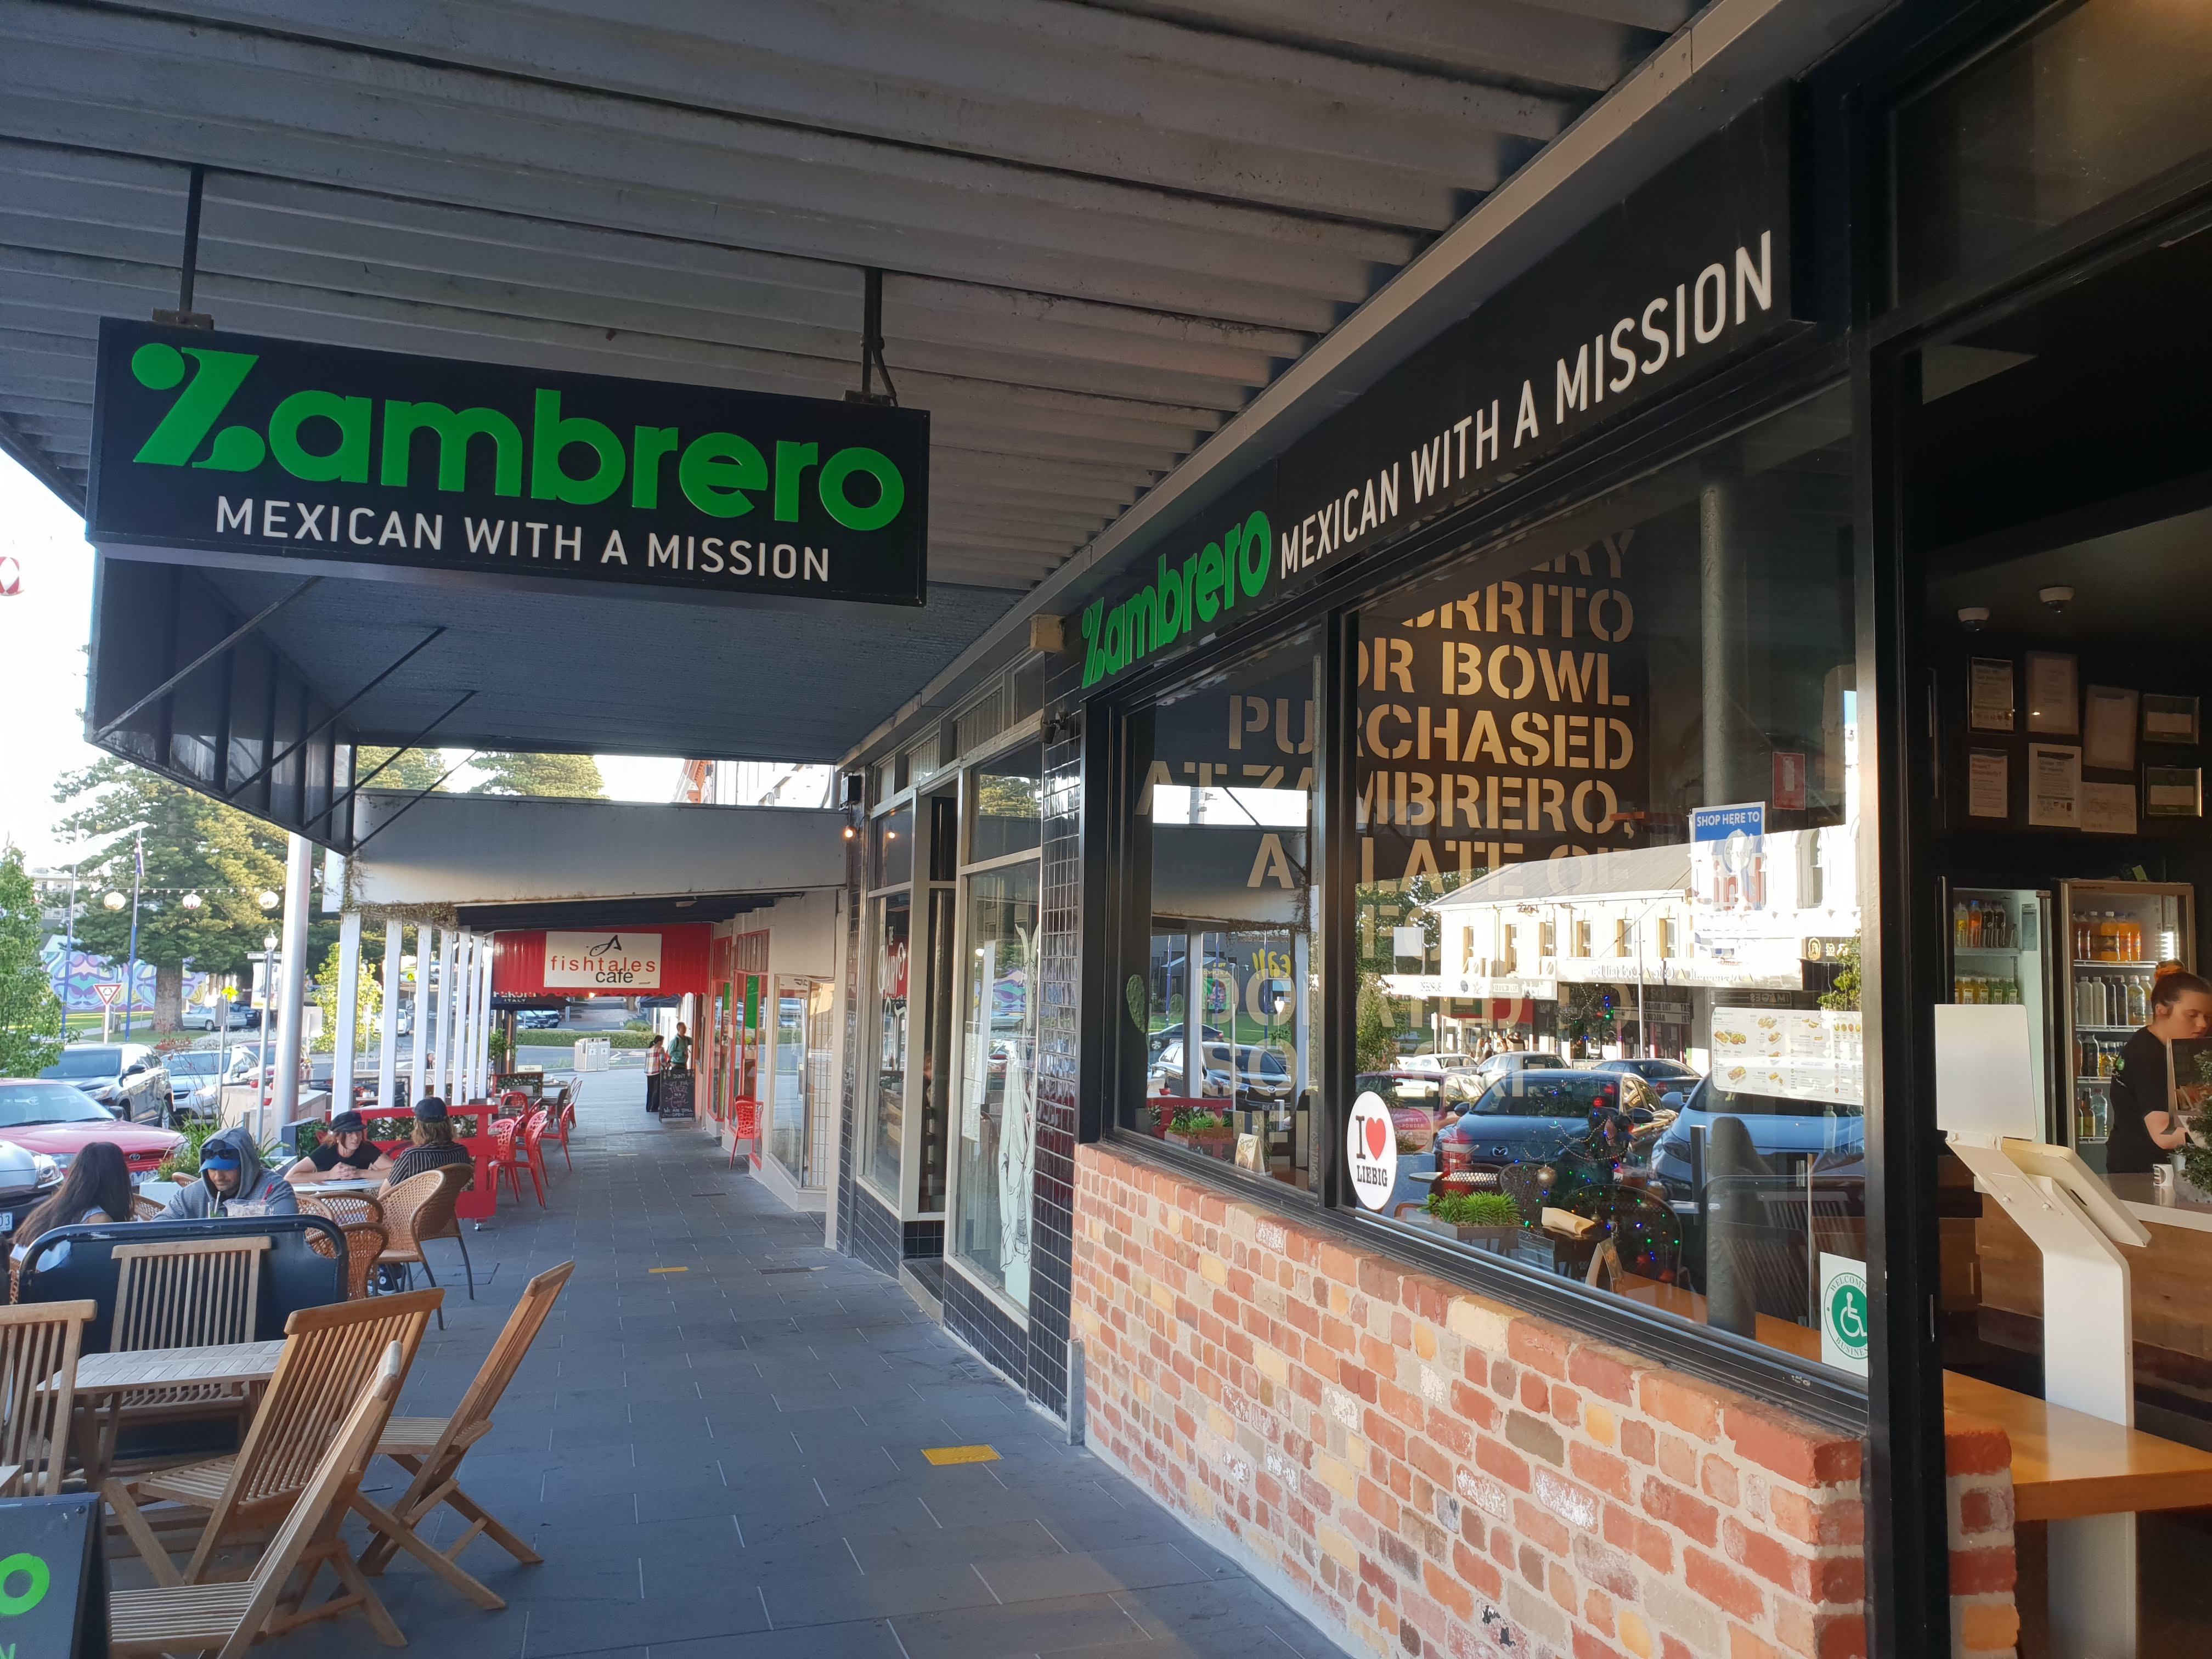 購入しただけで気分が良くなるフランチャイズのメキシカンレストラン『Zambrero』